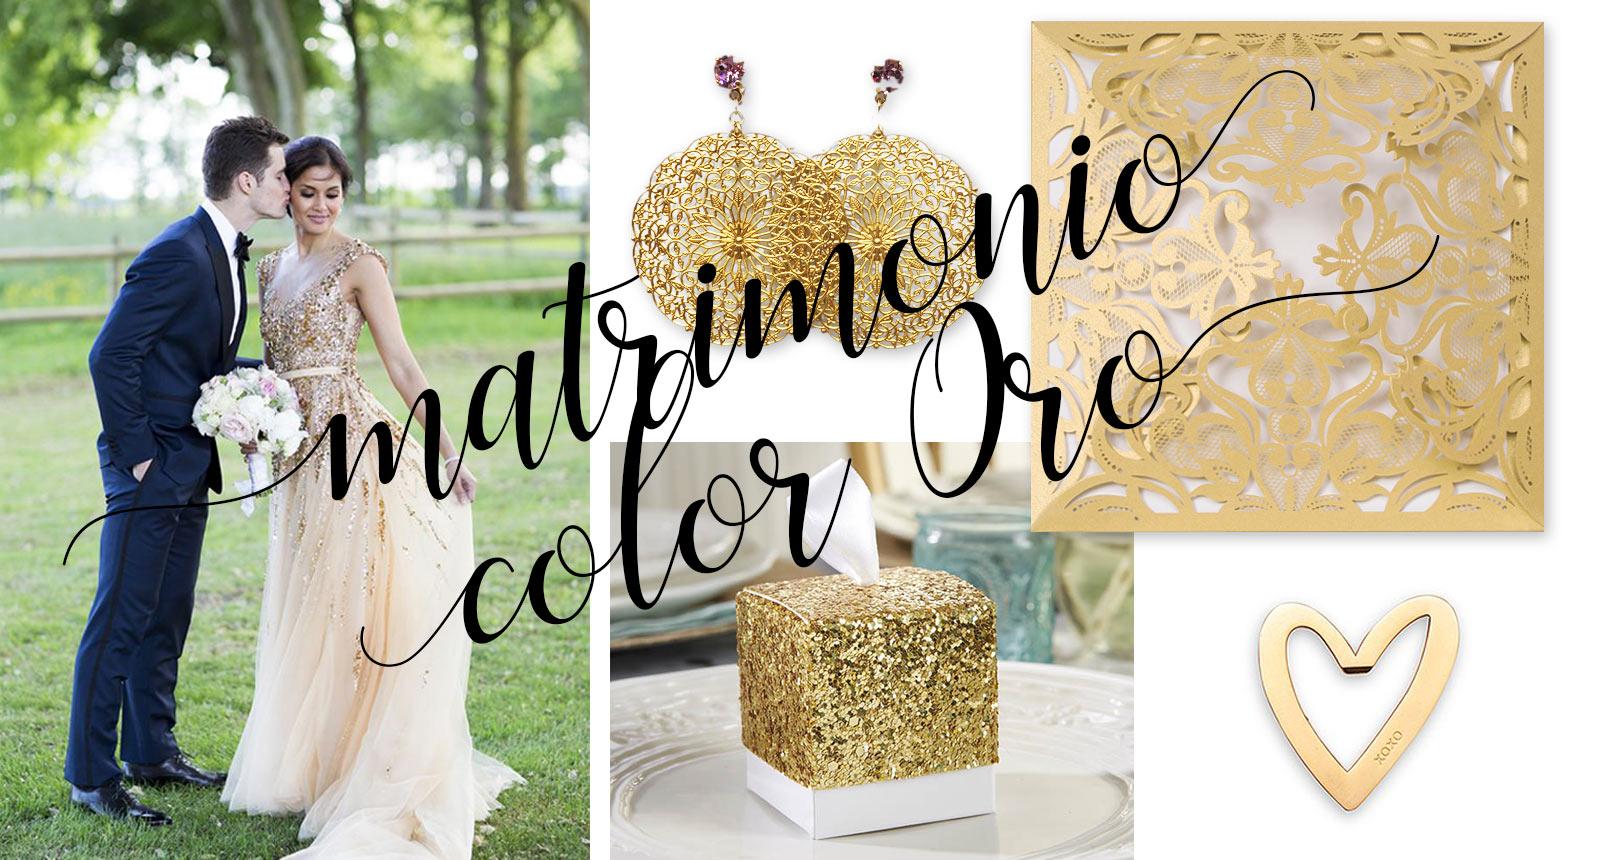 Matrimonio Oro E Azzurro : Matrimonio color oro il colore della gioia e ricchezza